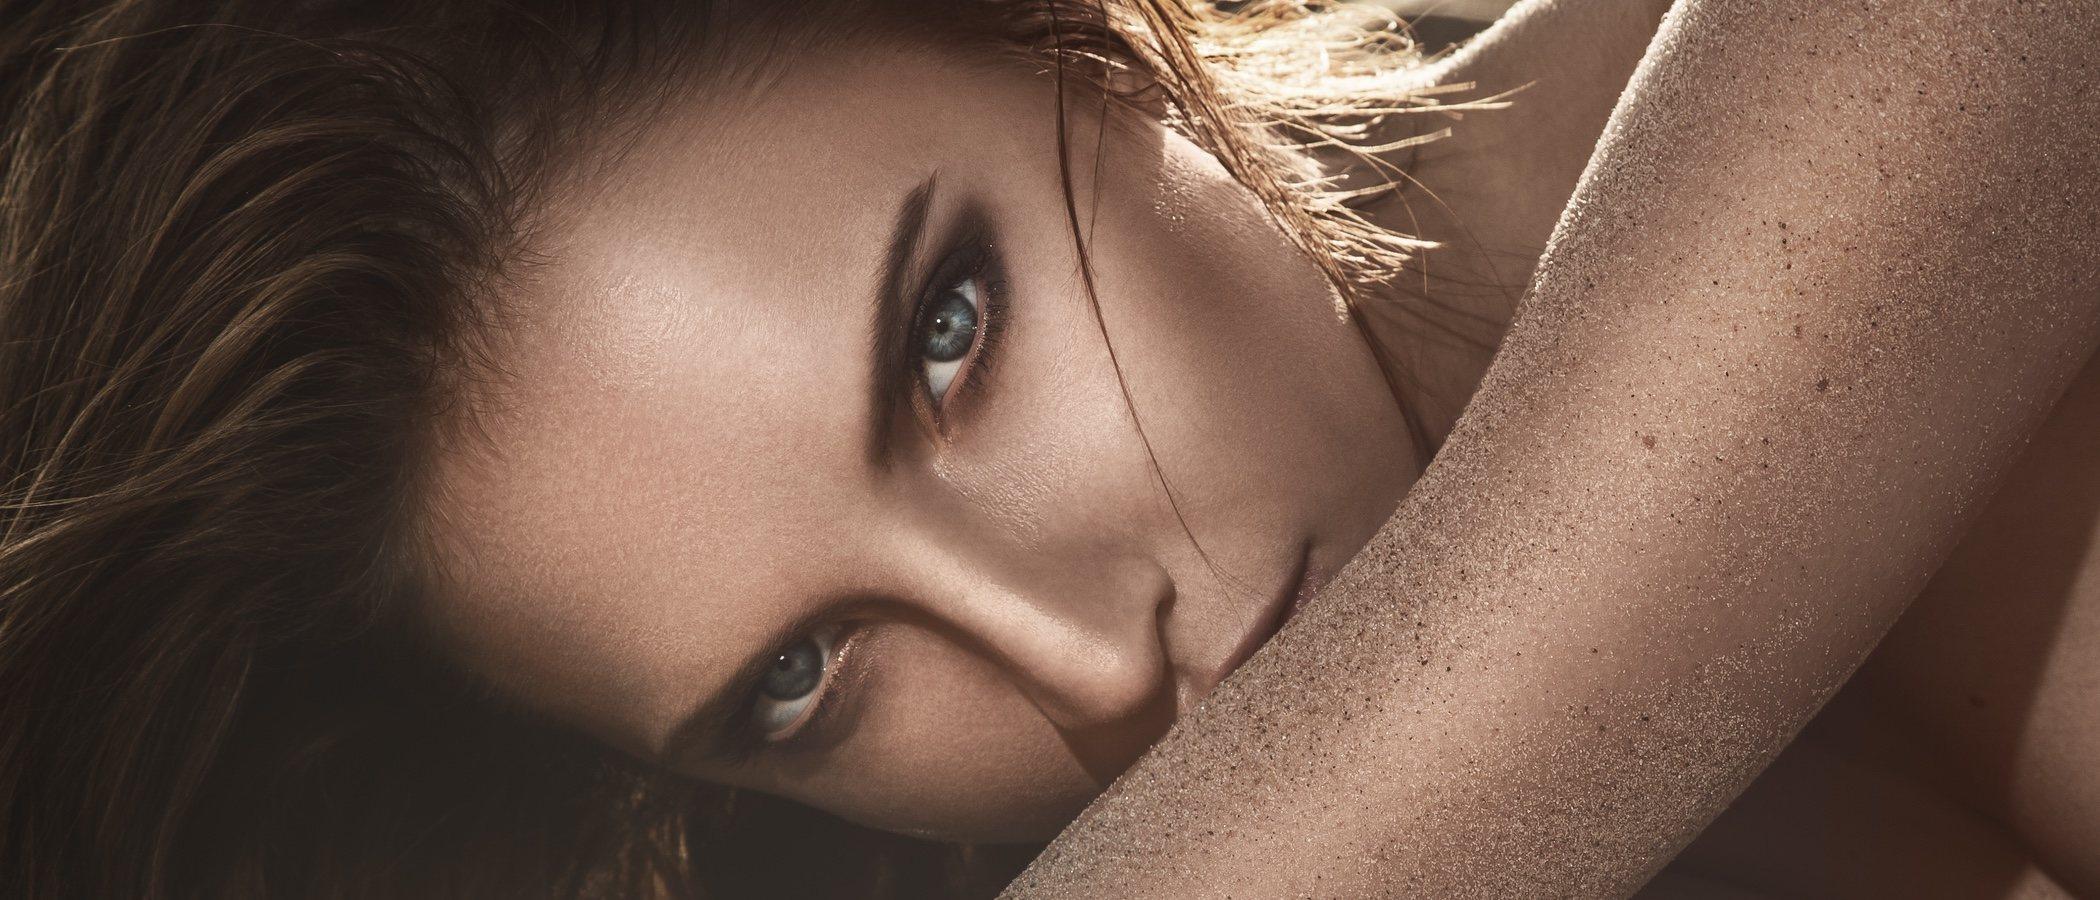 ¿Maquillada a la playa? Te contamos qué productos debes utilizar